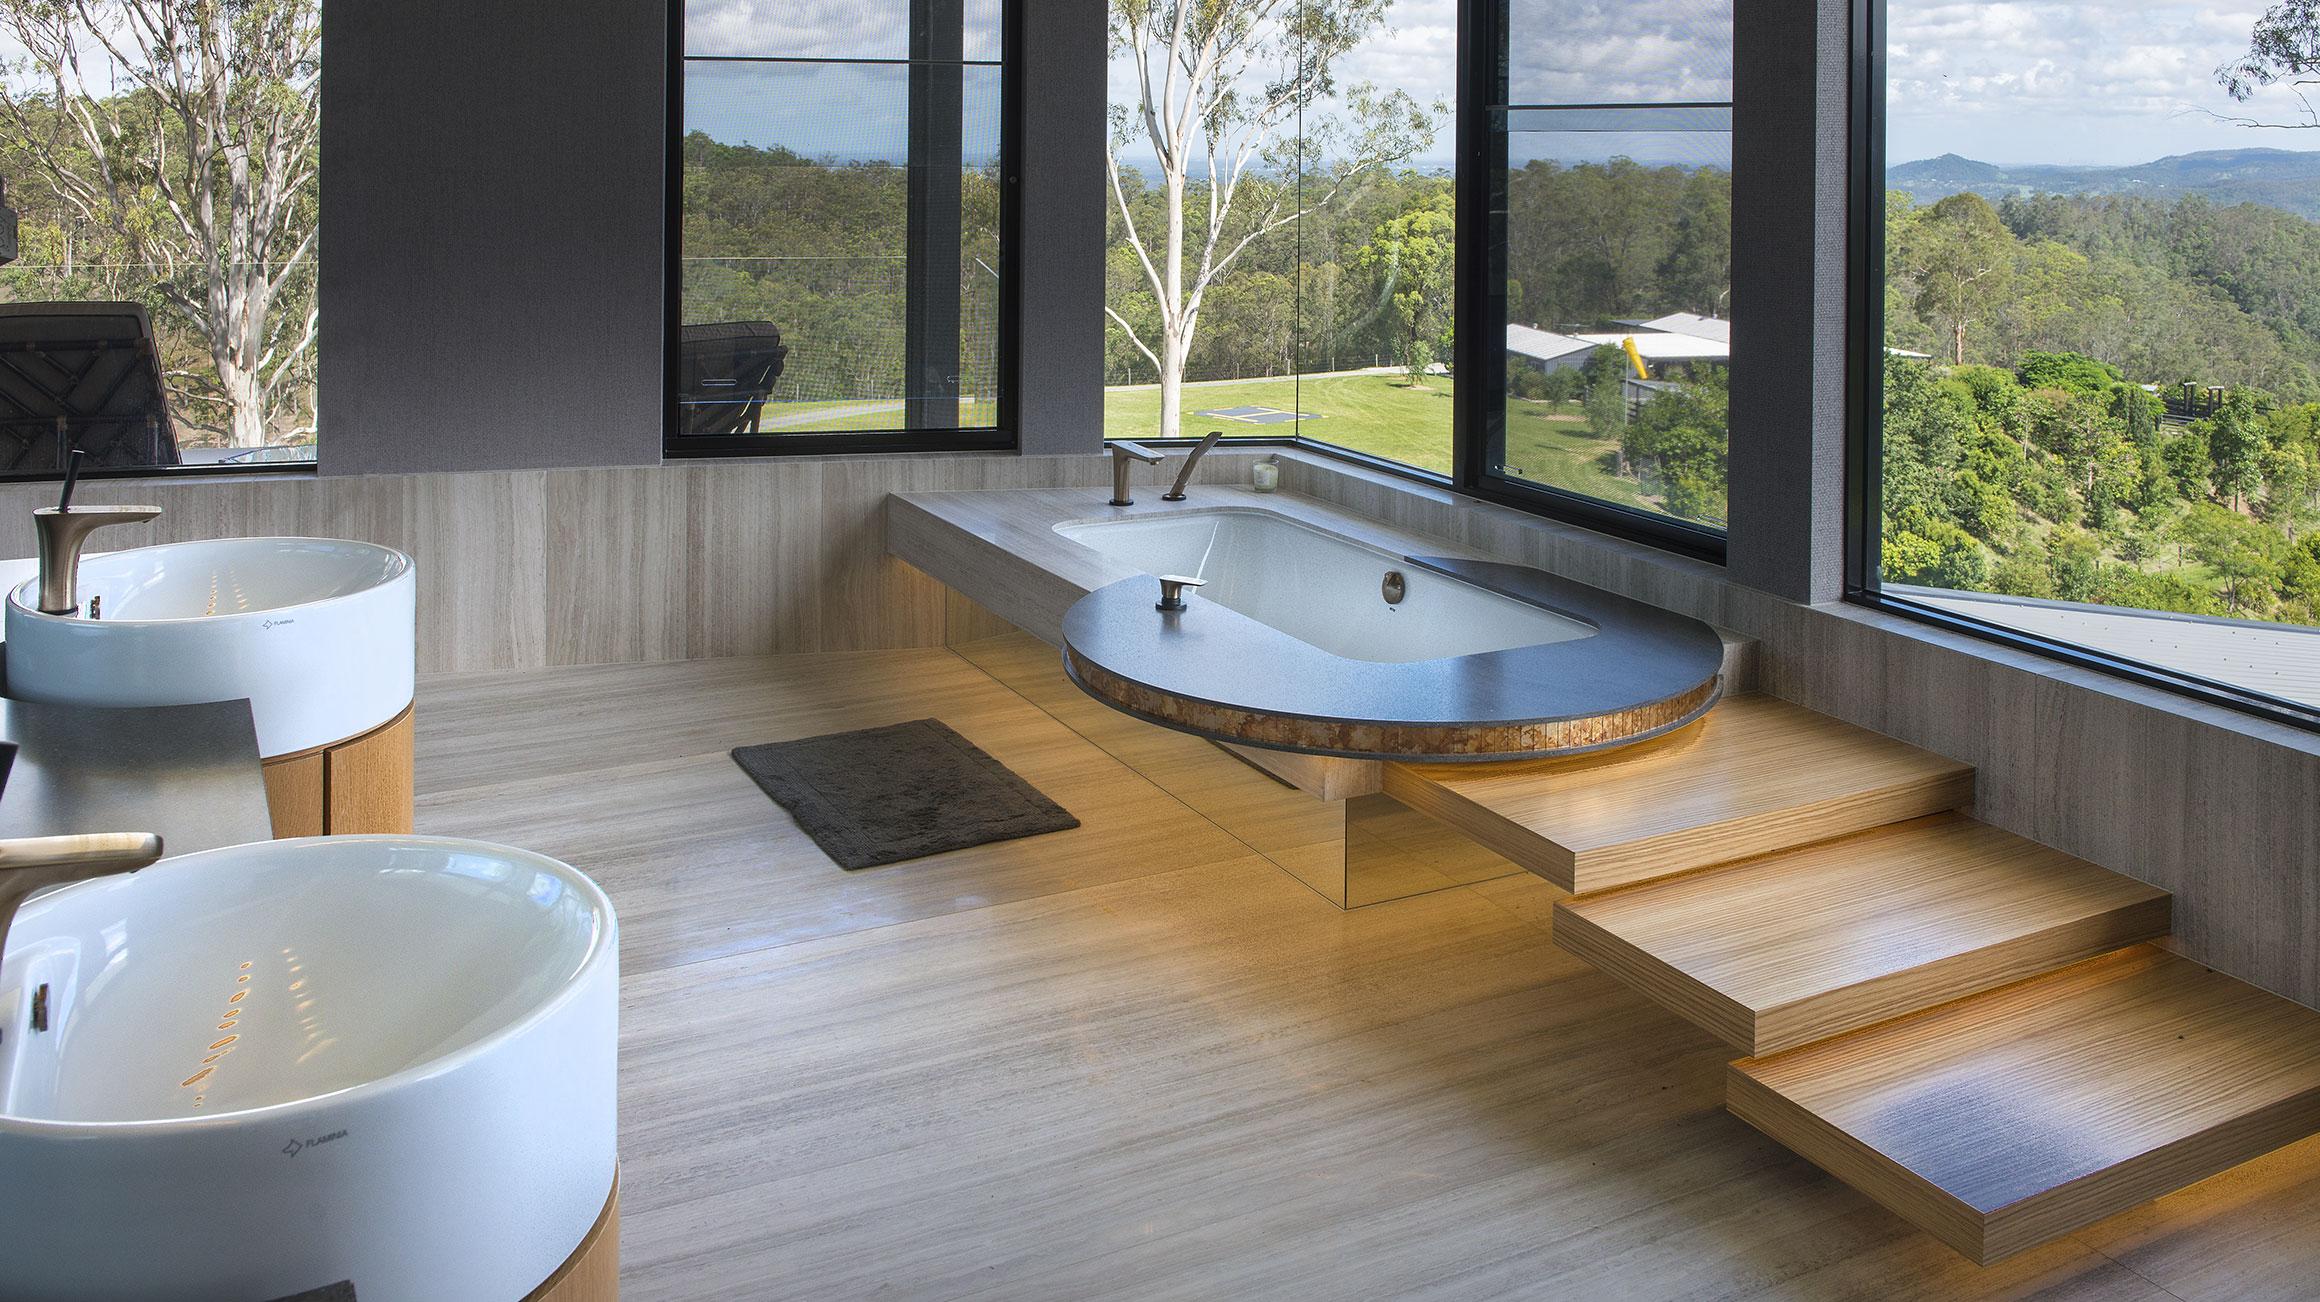 Avant gardistische badkamer geïnspireerd op de natuur hansgrohe be